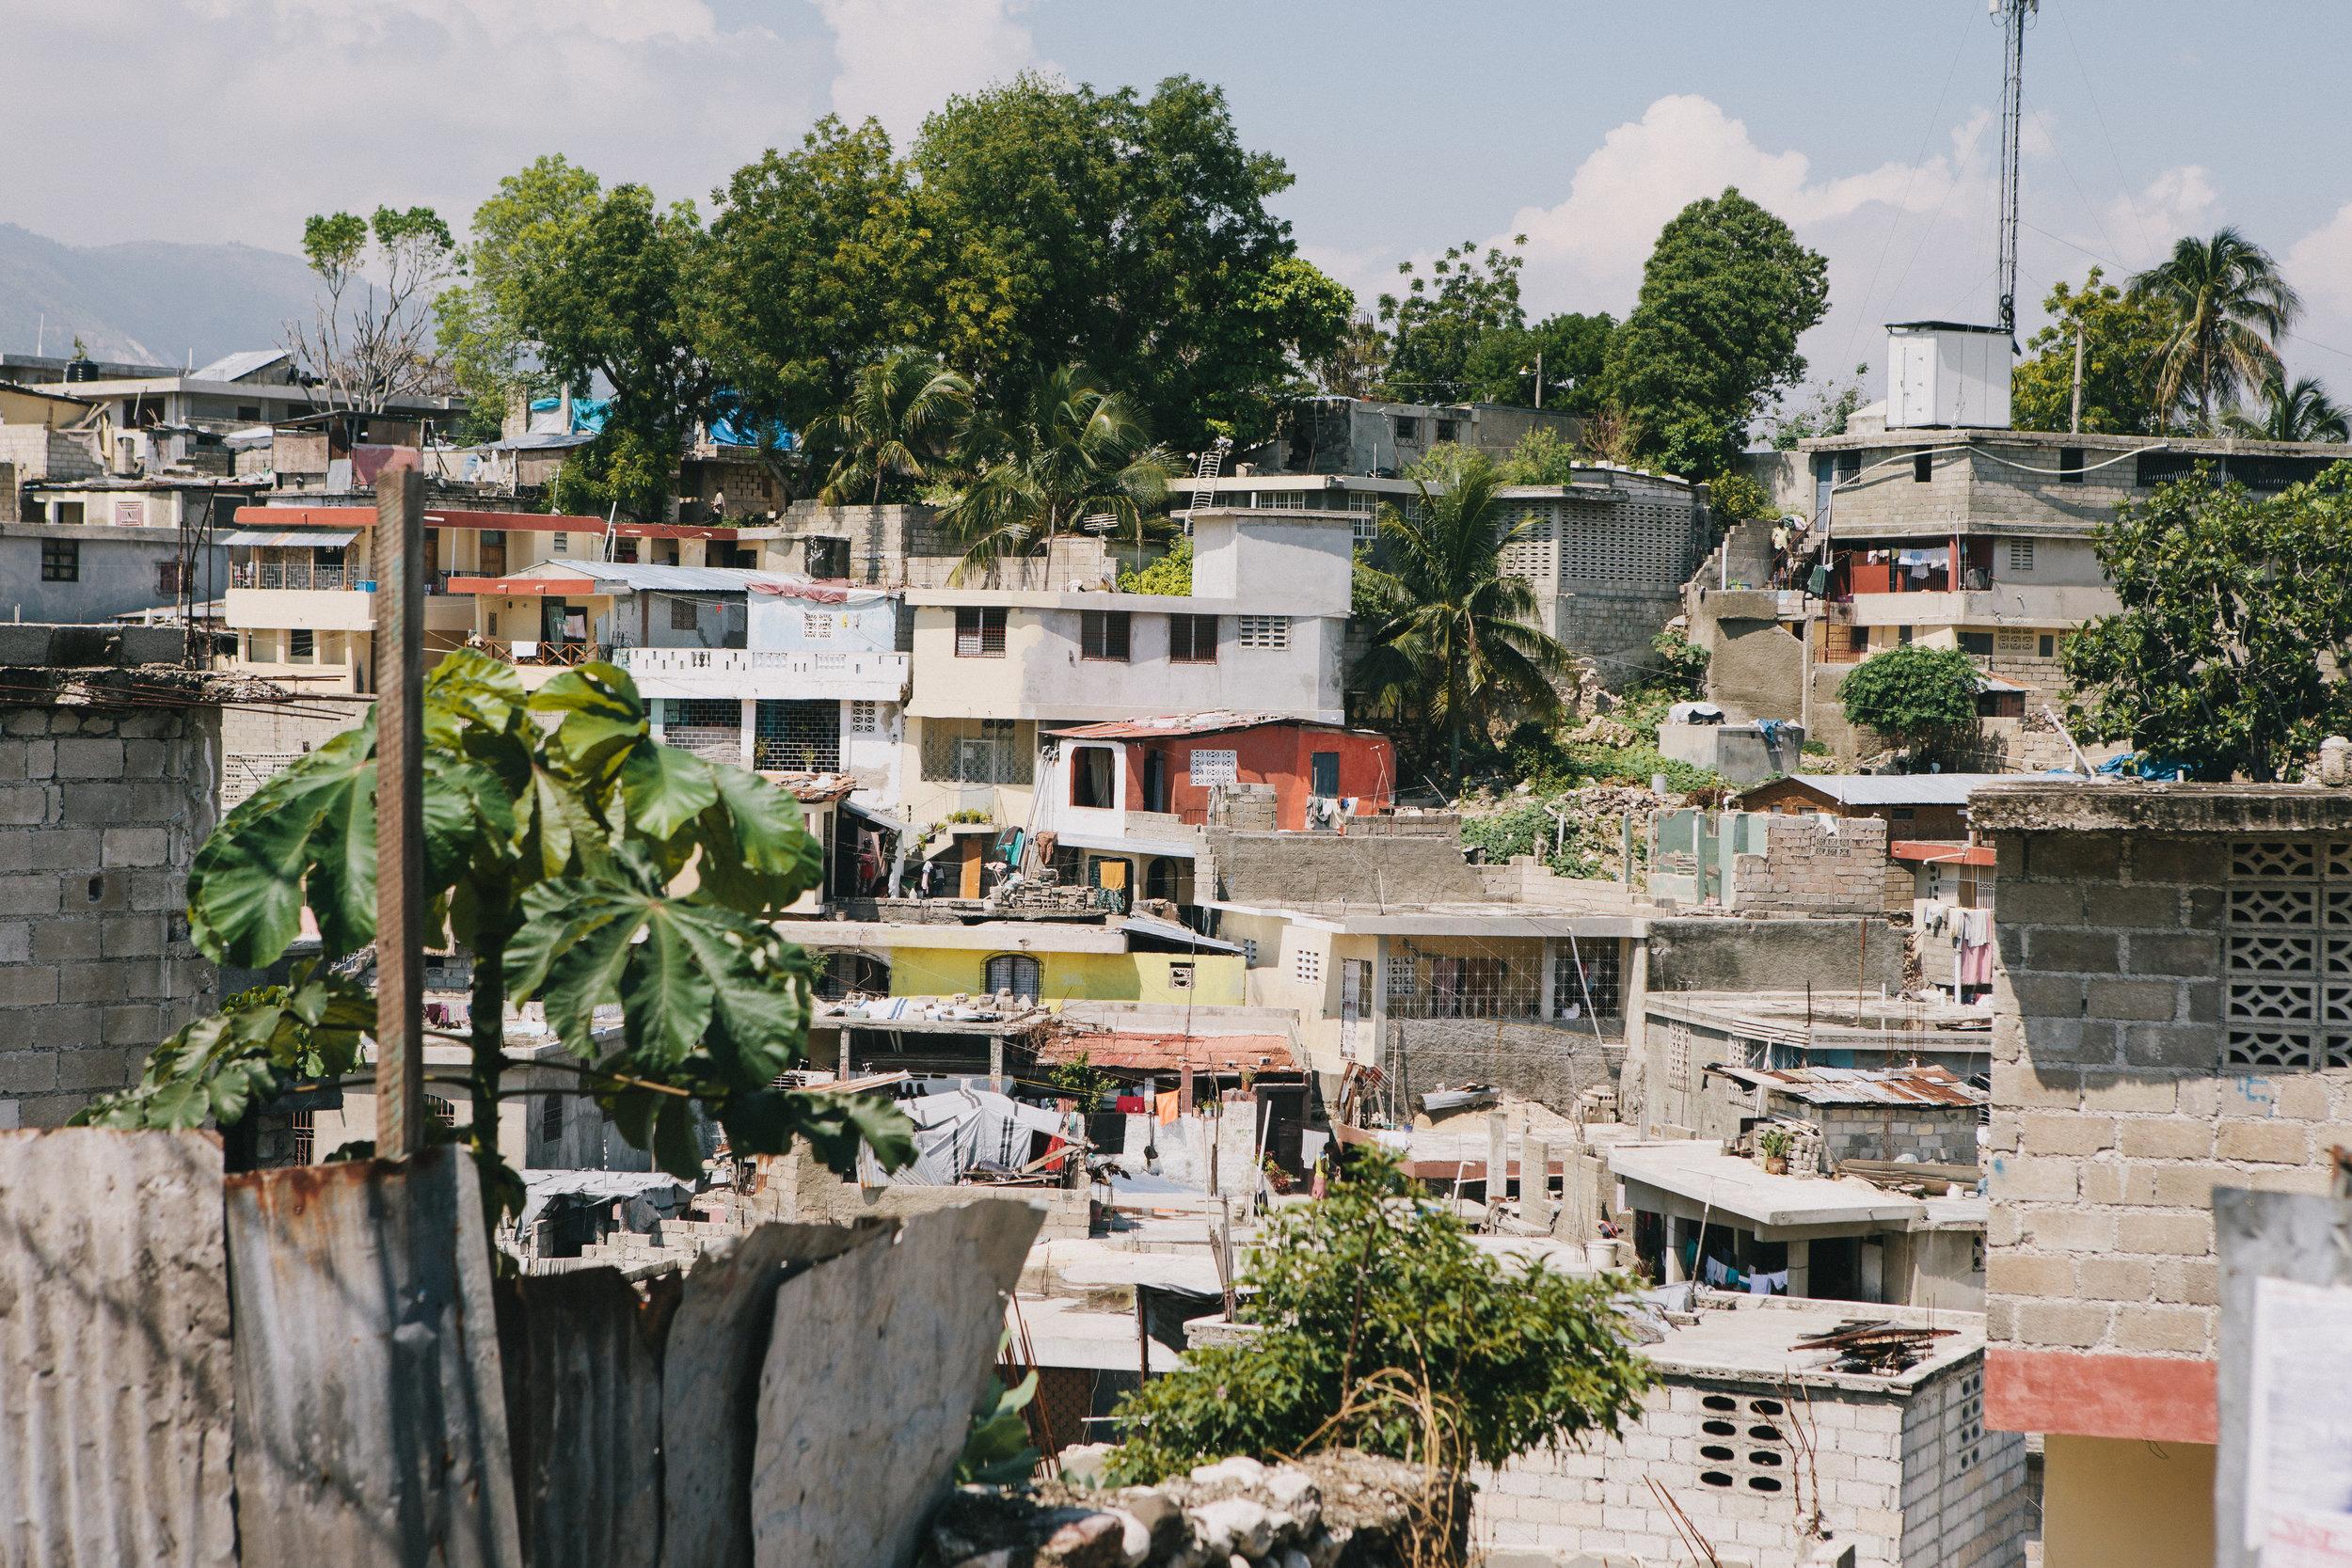 Haiti_street_009.jpg